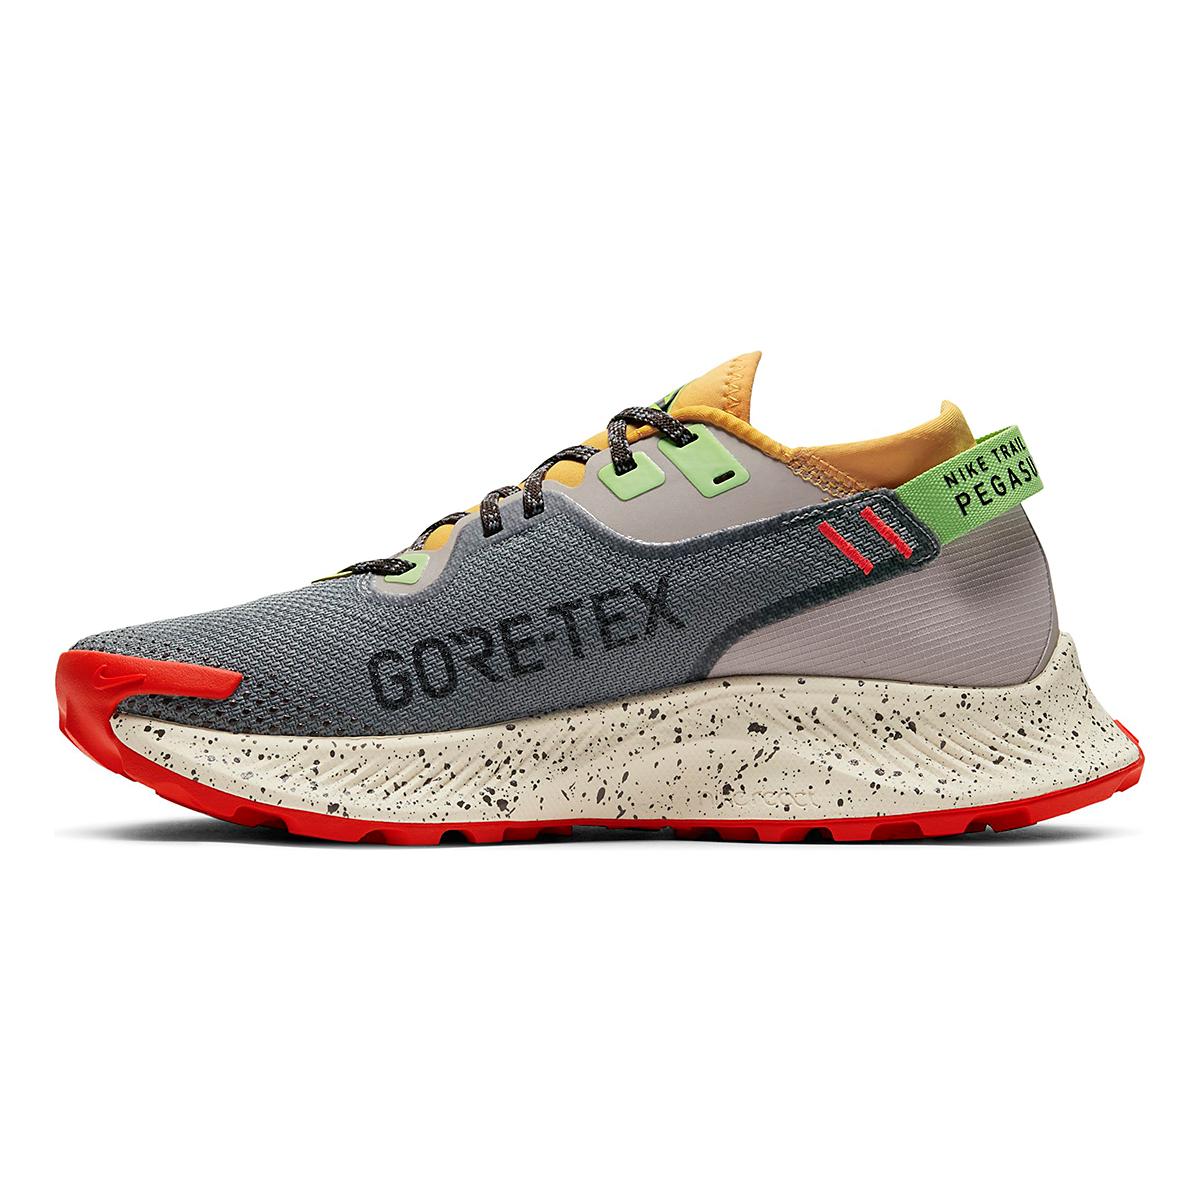 Women's Nike Pegasus Trail 2 Gore-Tex Running Shoe - Color: Smoke Grey/Black-Bucktan-College Grey - Size: 5 - Width: Regular, Smoke Grey/Black-Bucktan-College Grey, large, image 2